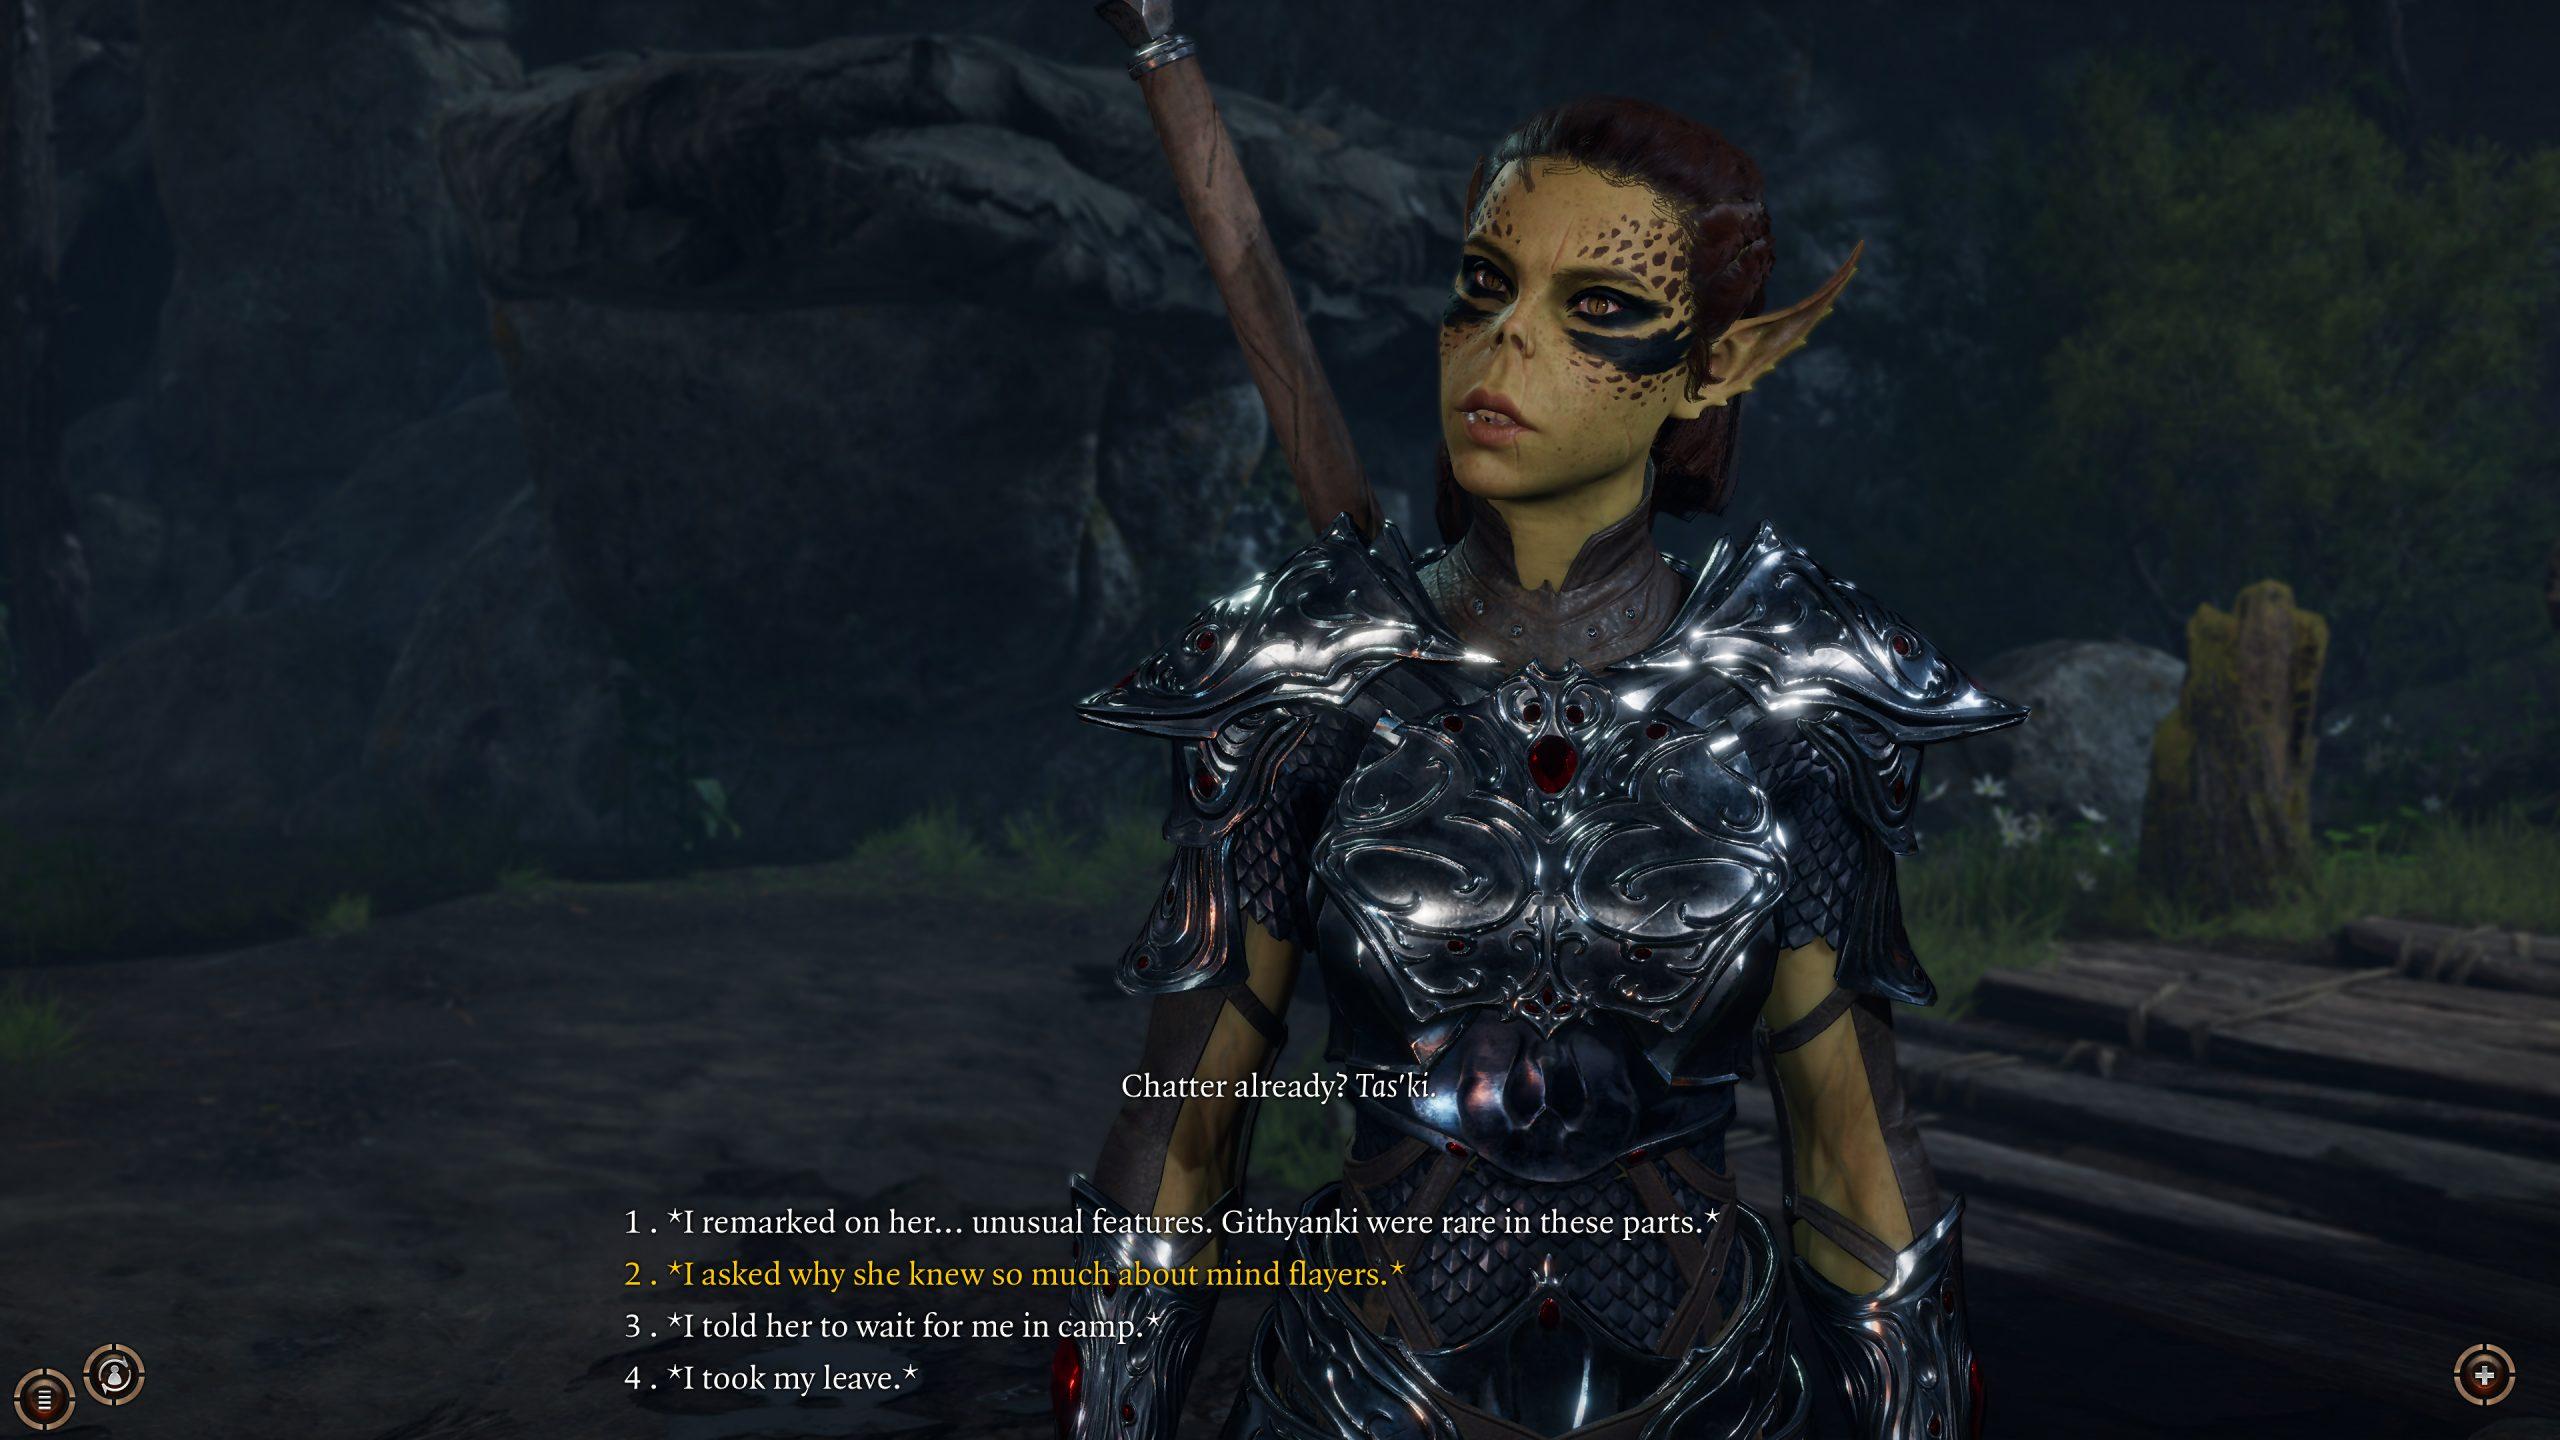 Вышедшие с экрана скриншоты Baldur's Gate 3 демонстрируют пошаговый бой и диалог крупным планом